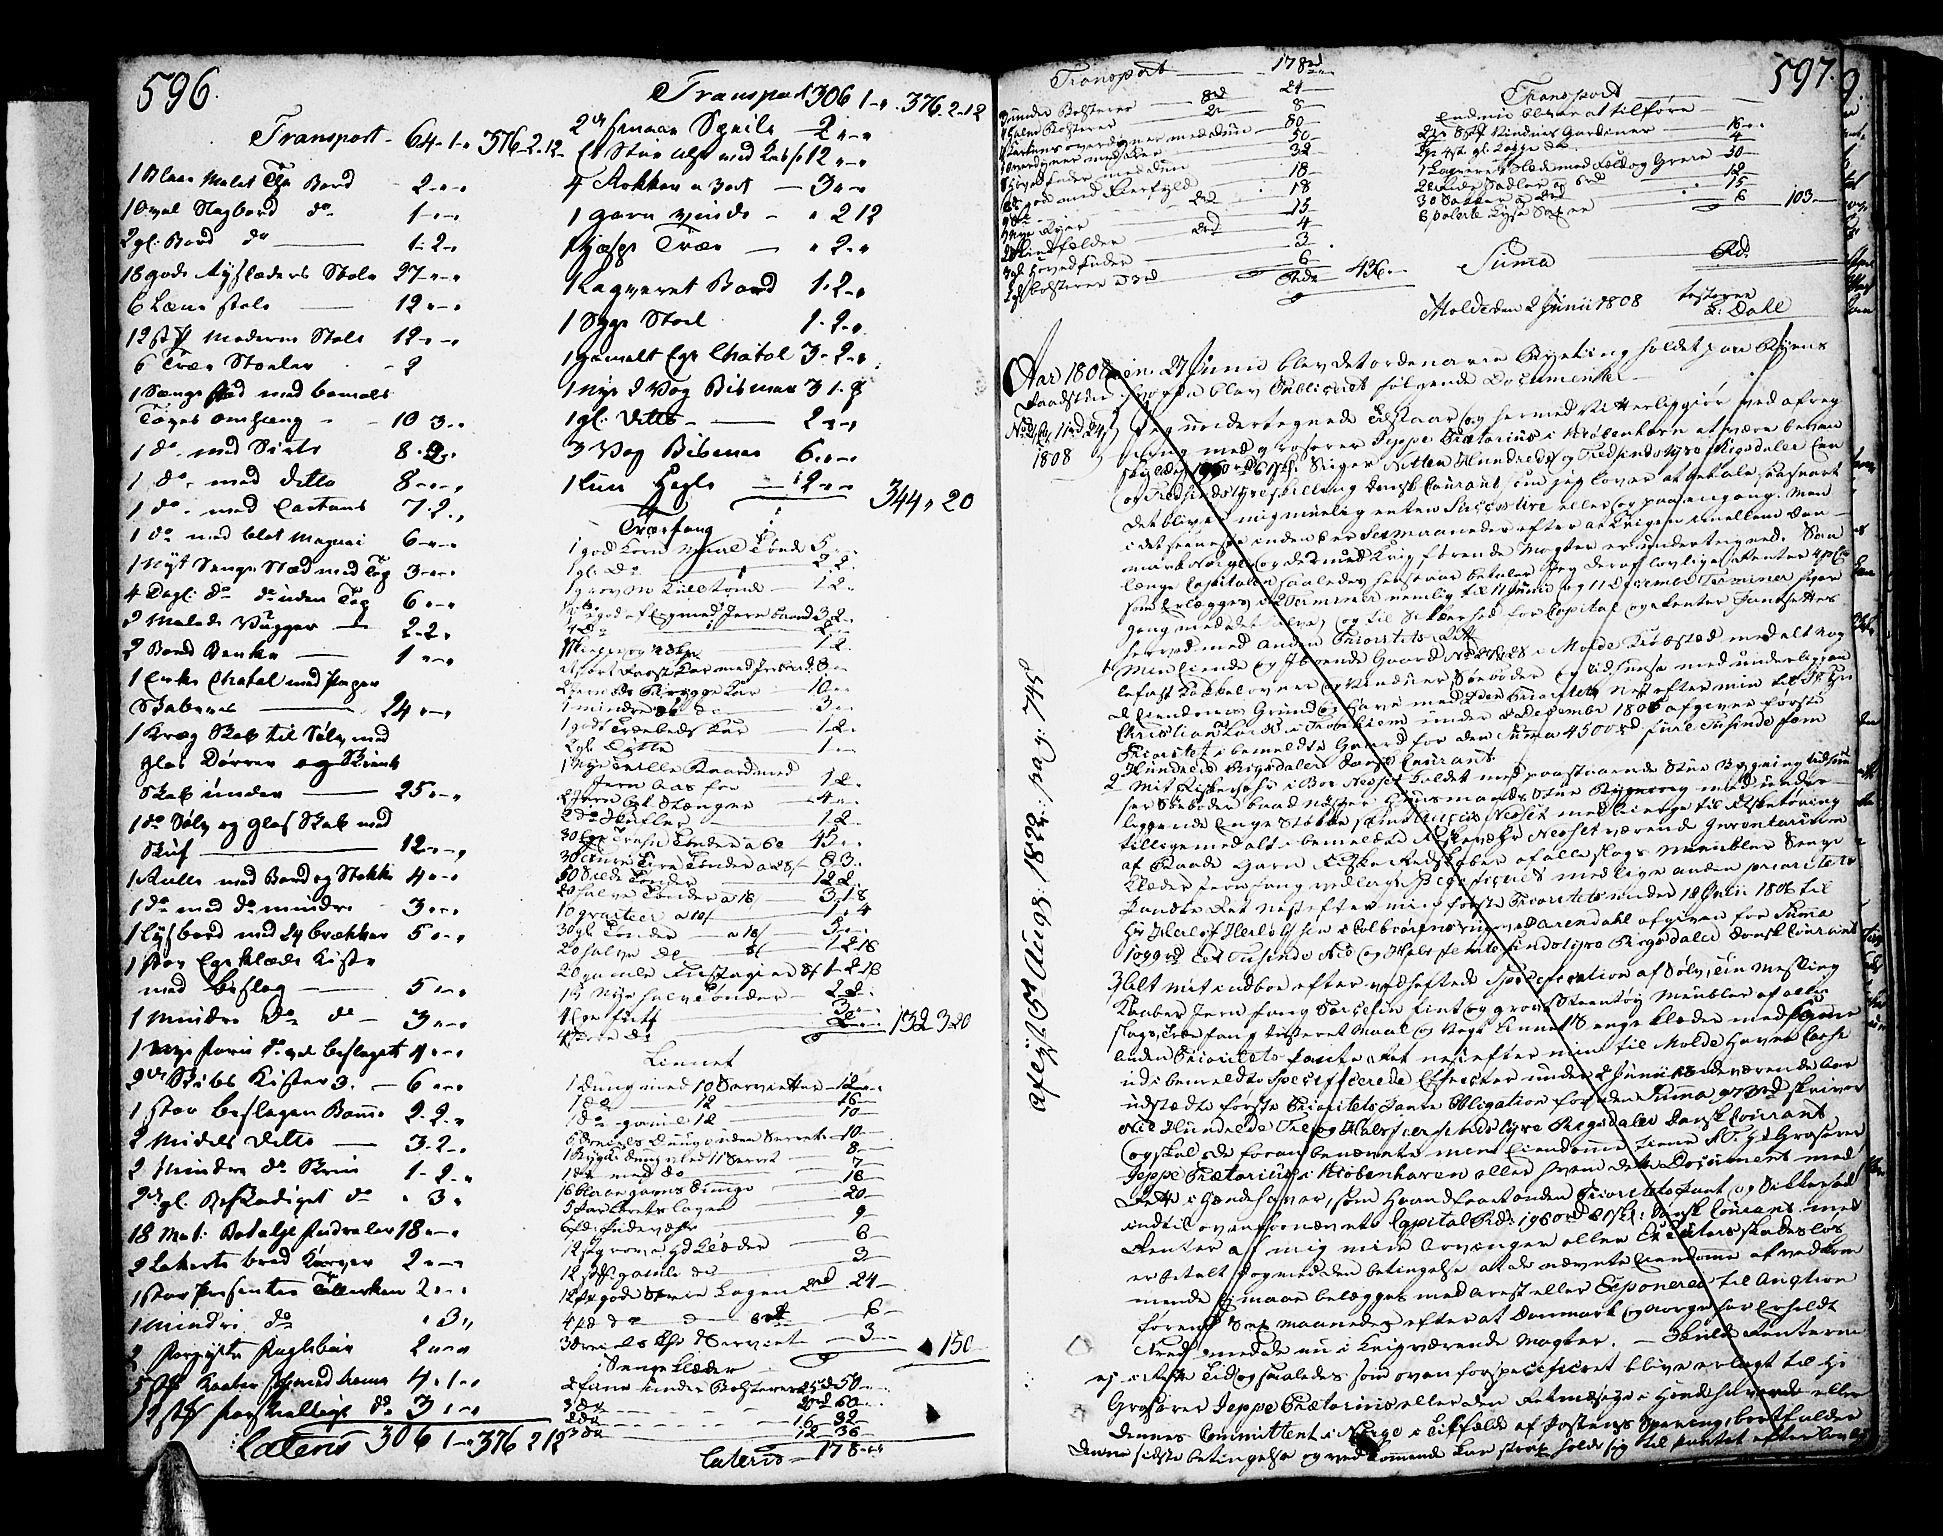 SAT, Molde byfogd, 2/2C/L0001: Pantebok nr. 1, 1748-1823, s. 596-597